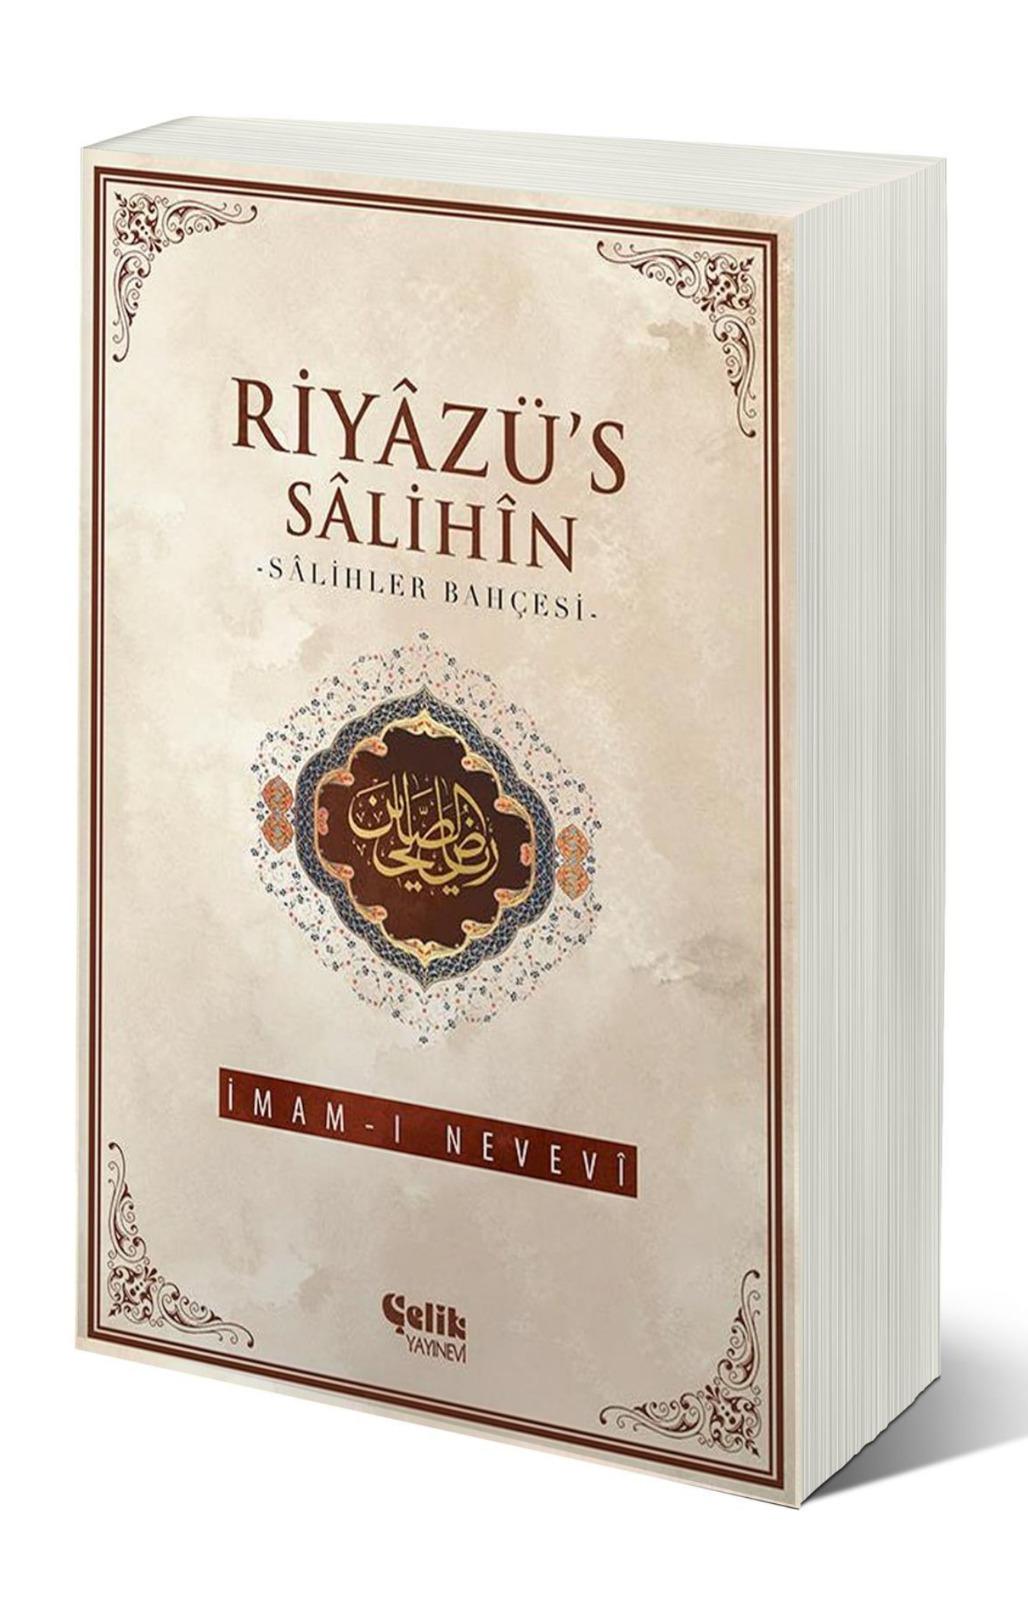 Riyâzü's Sâlihîn; Salihler Bahçesi